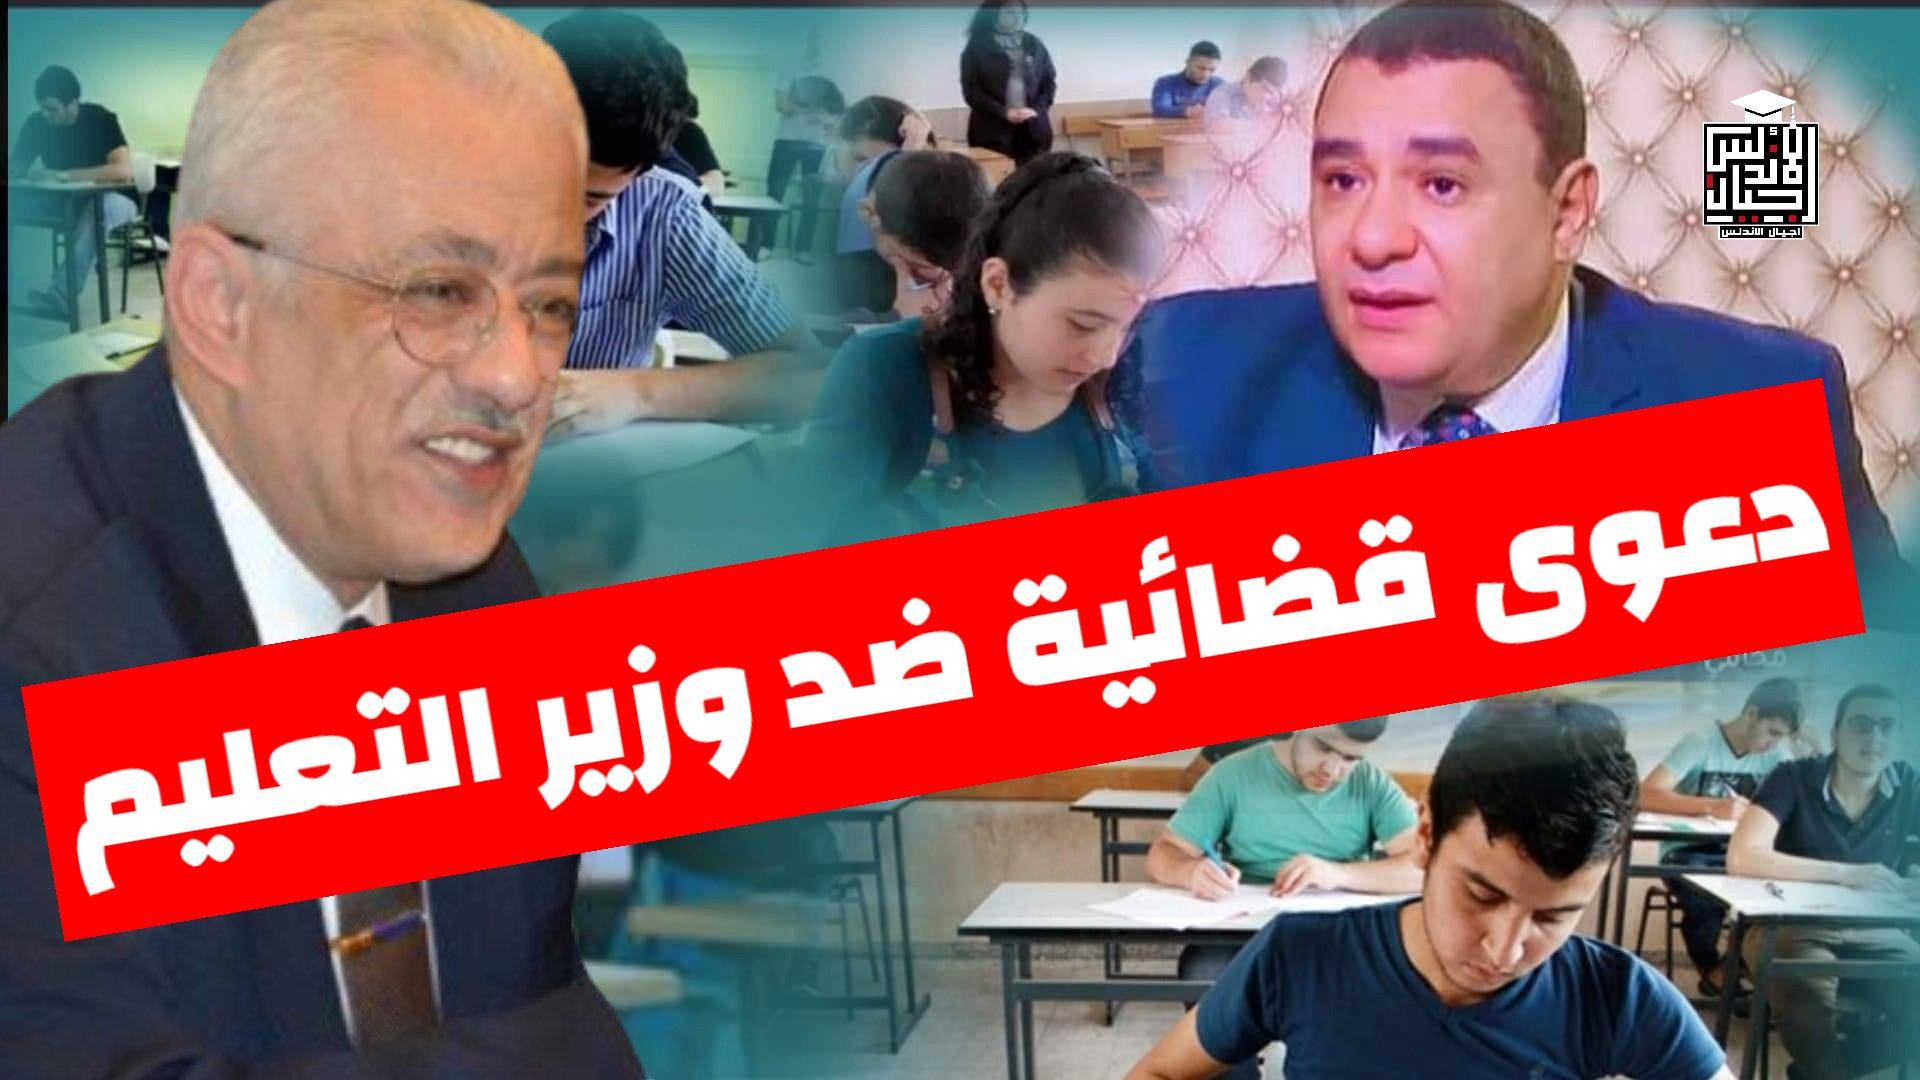 دعوه قضائيه ضد وزير التعليم - امتحانات الثانويه العامه امام القضاء ( اجيال الاندلس )